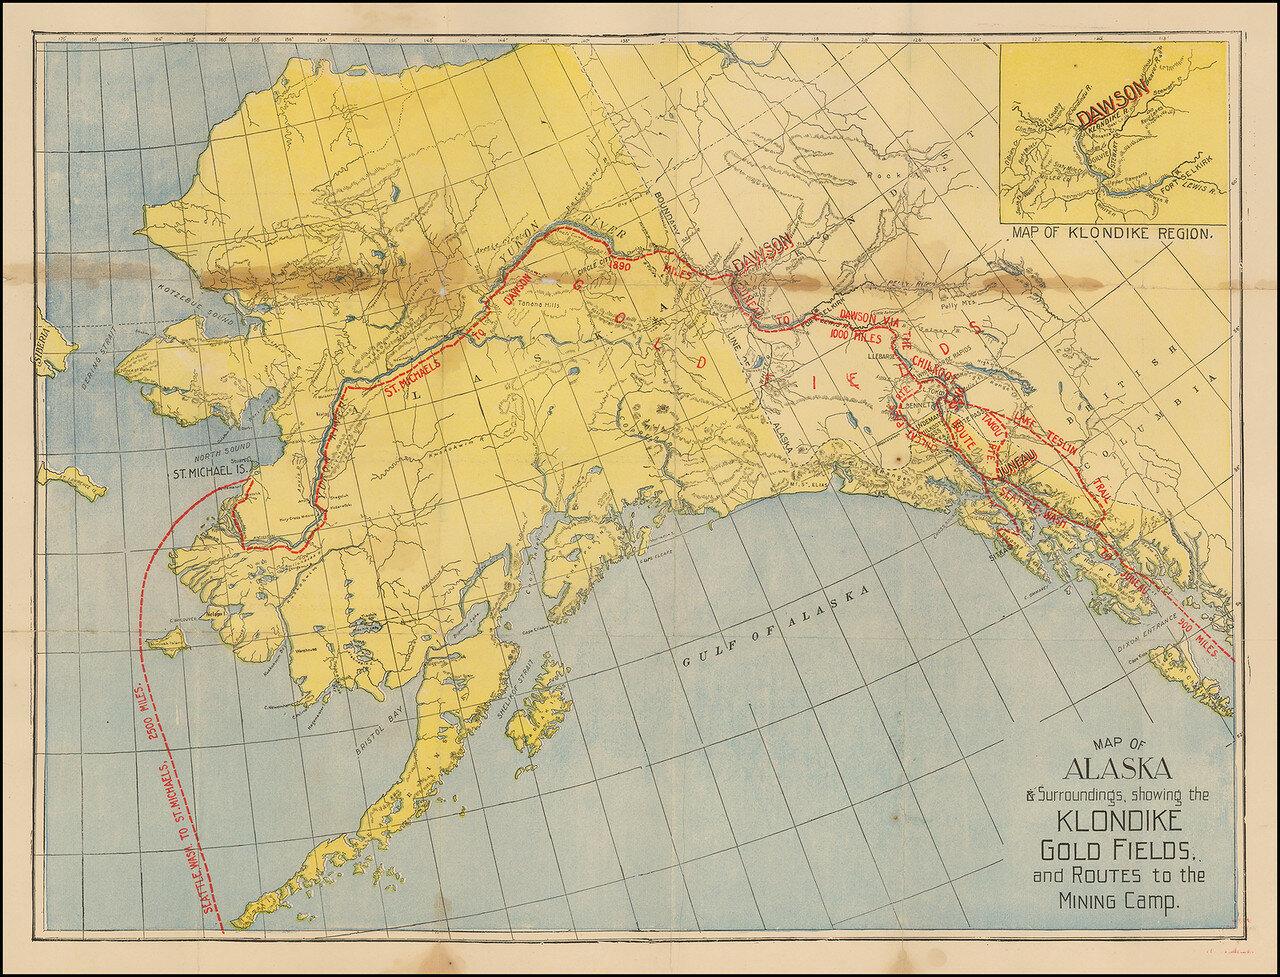 золотые поля Клондайка и маршруты в горный лагерь..jpg